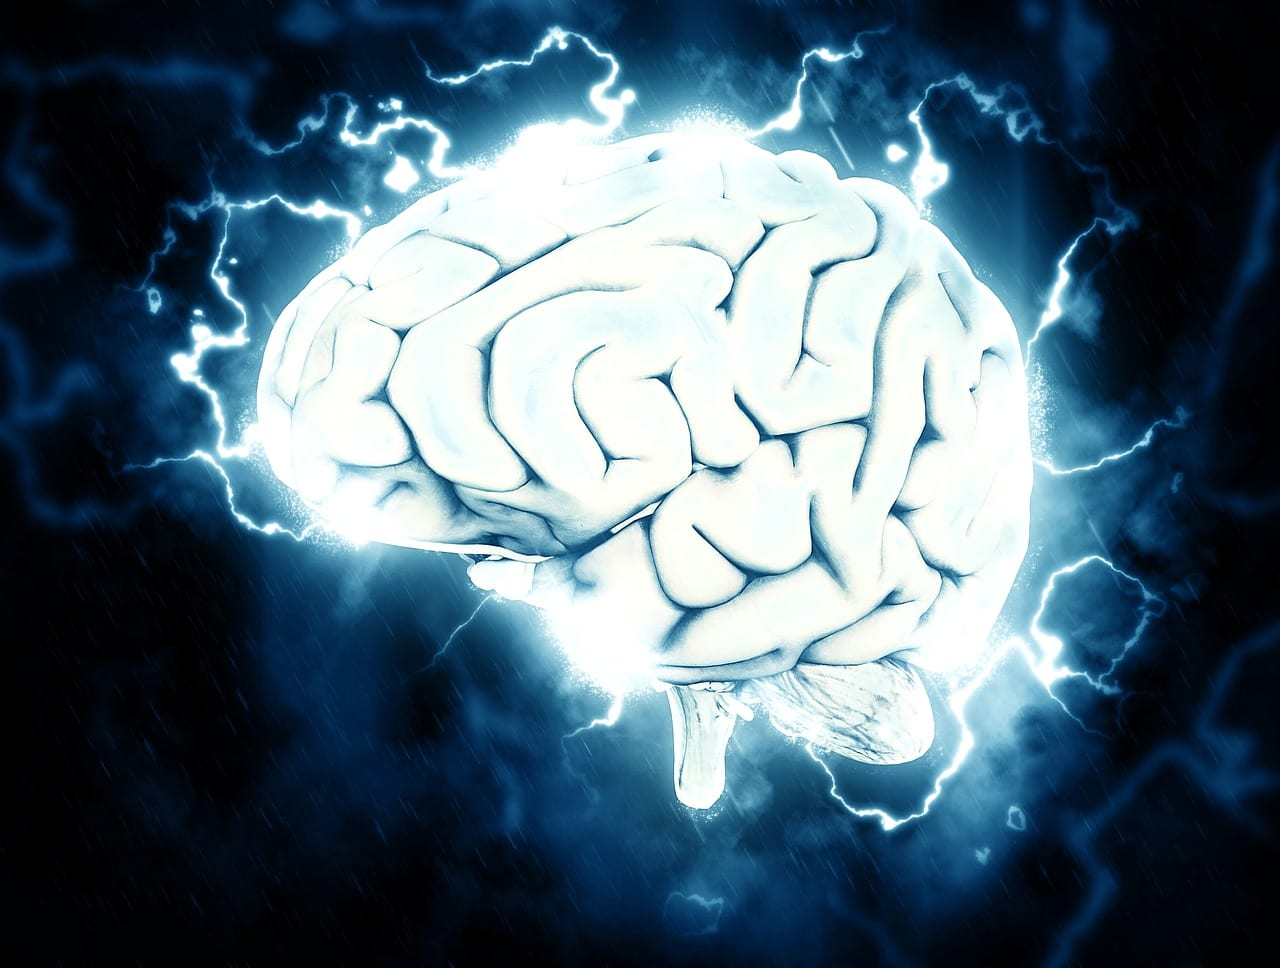 Risposte fisiche allo stress emotivo: trovato circuito neurale responsabile